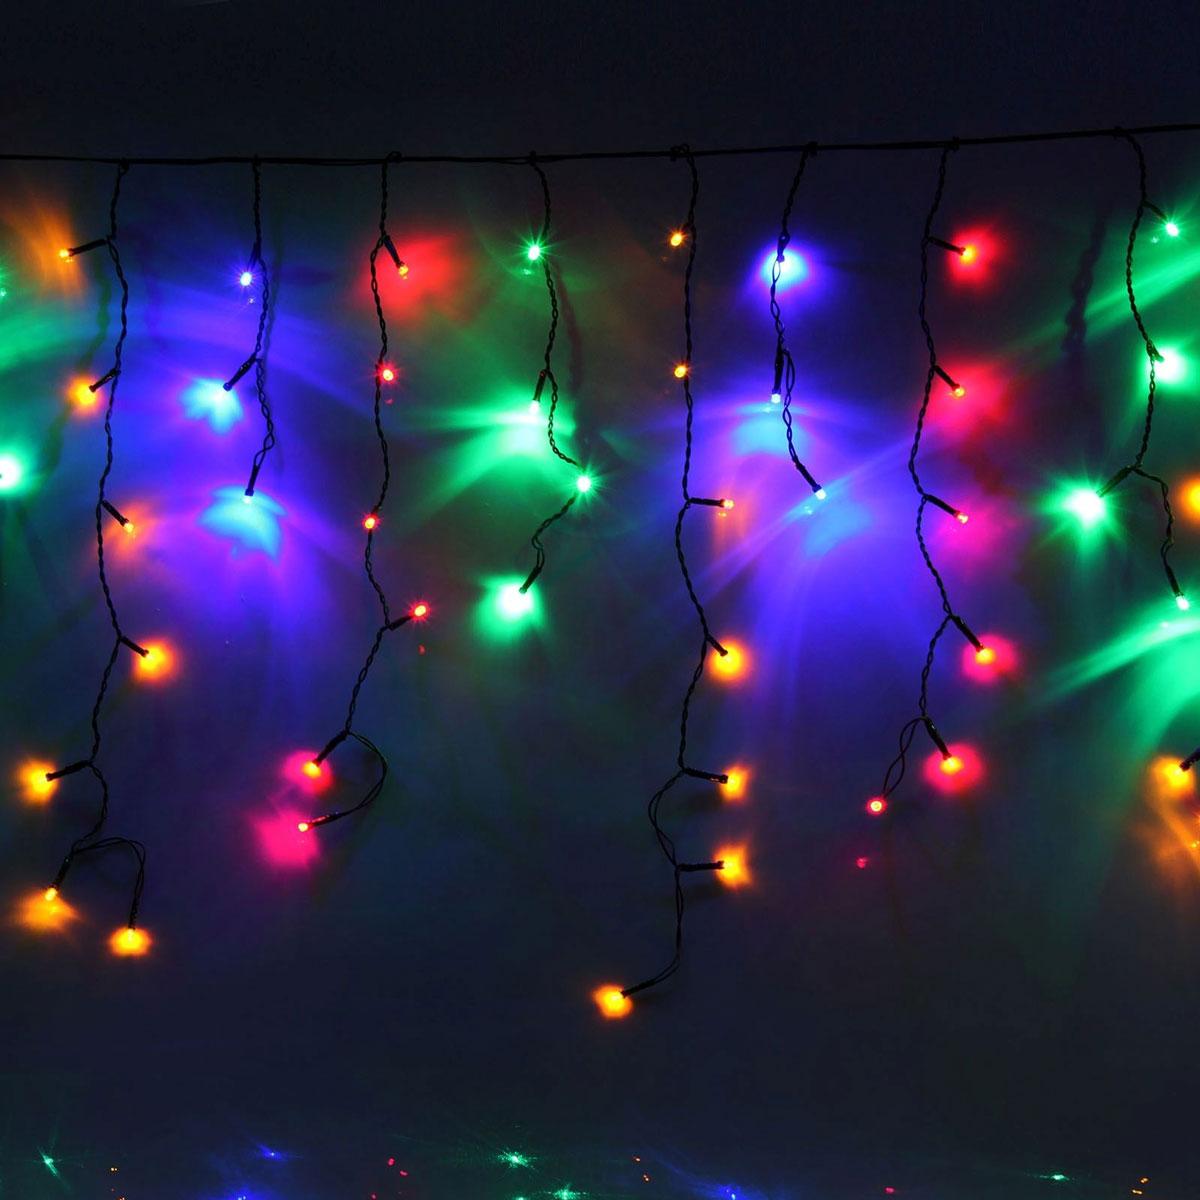 Гирлянда светодиодная Luazon Бахрома, 8 режимов, 60 ламп, 220 V, цвет: мультиколор, 1,2 х 0,6 м. 706200706200Светодиодные гирлянды, ленты и т.д — это отличный вариант для новогоднего оформления интерьера или фасада. С их помощью помещение любого размера можно превратить в праздничный зал, а внешние элементы зданий, украшенные ими, мгновенно станут напоминать очертания сказочного дворца. Такие украшения создают ауру предвкушения чуда. Деревья, фасады, витрины, окна и арки будто специально созданы, чтобы вы украсили их светящимися нитями.